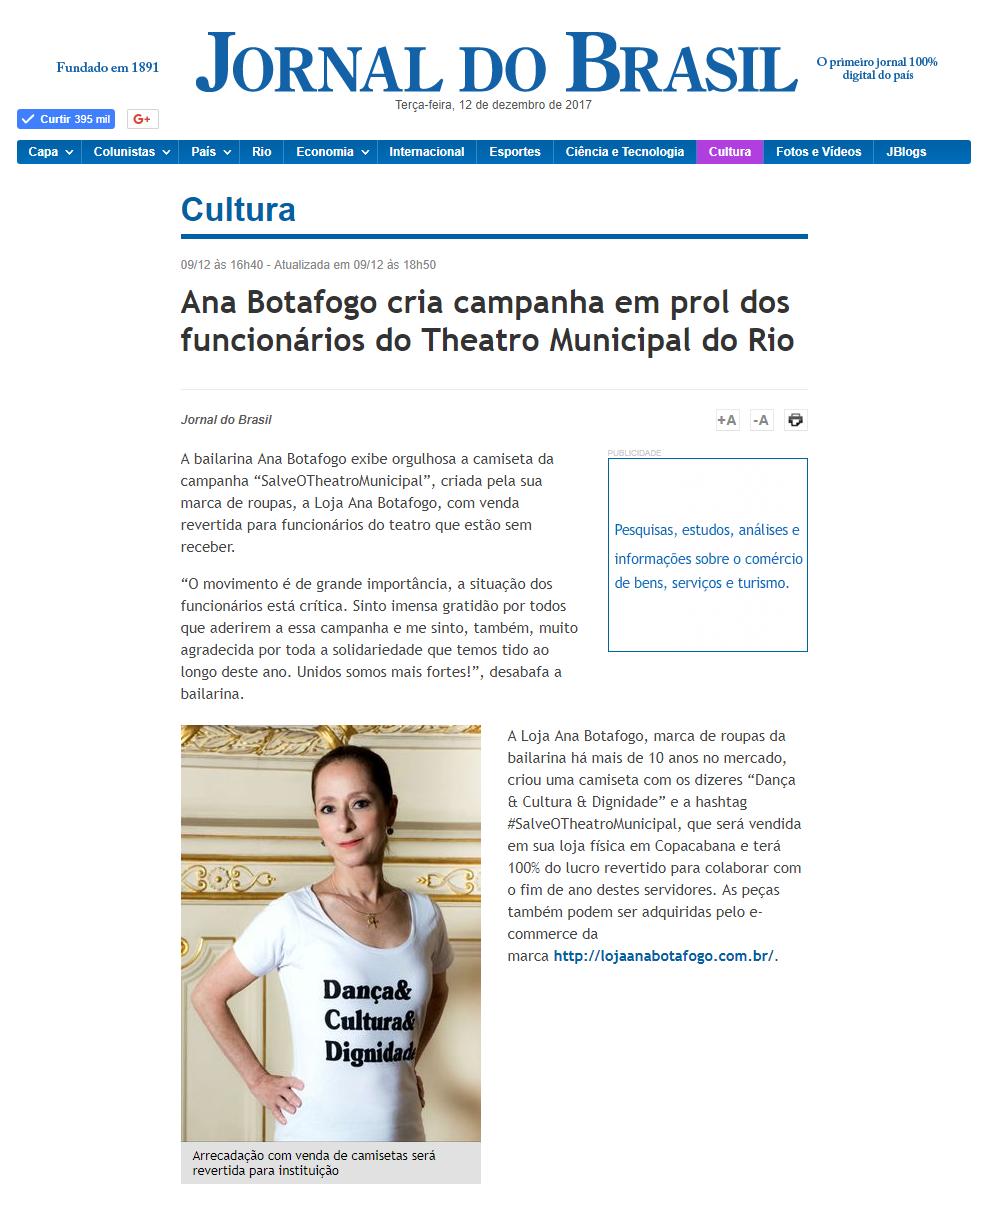 6ae788f2e8 Jornal do Brasil  Ana Botafogo cria campanha em prol dos ...